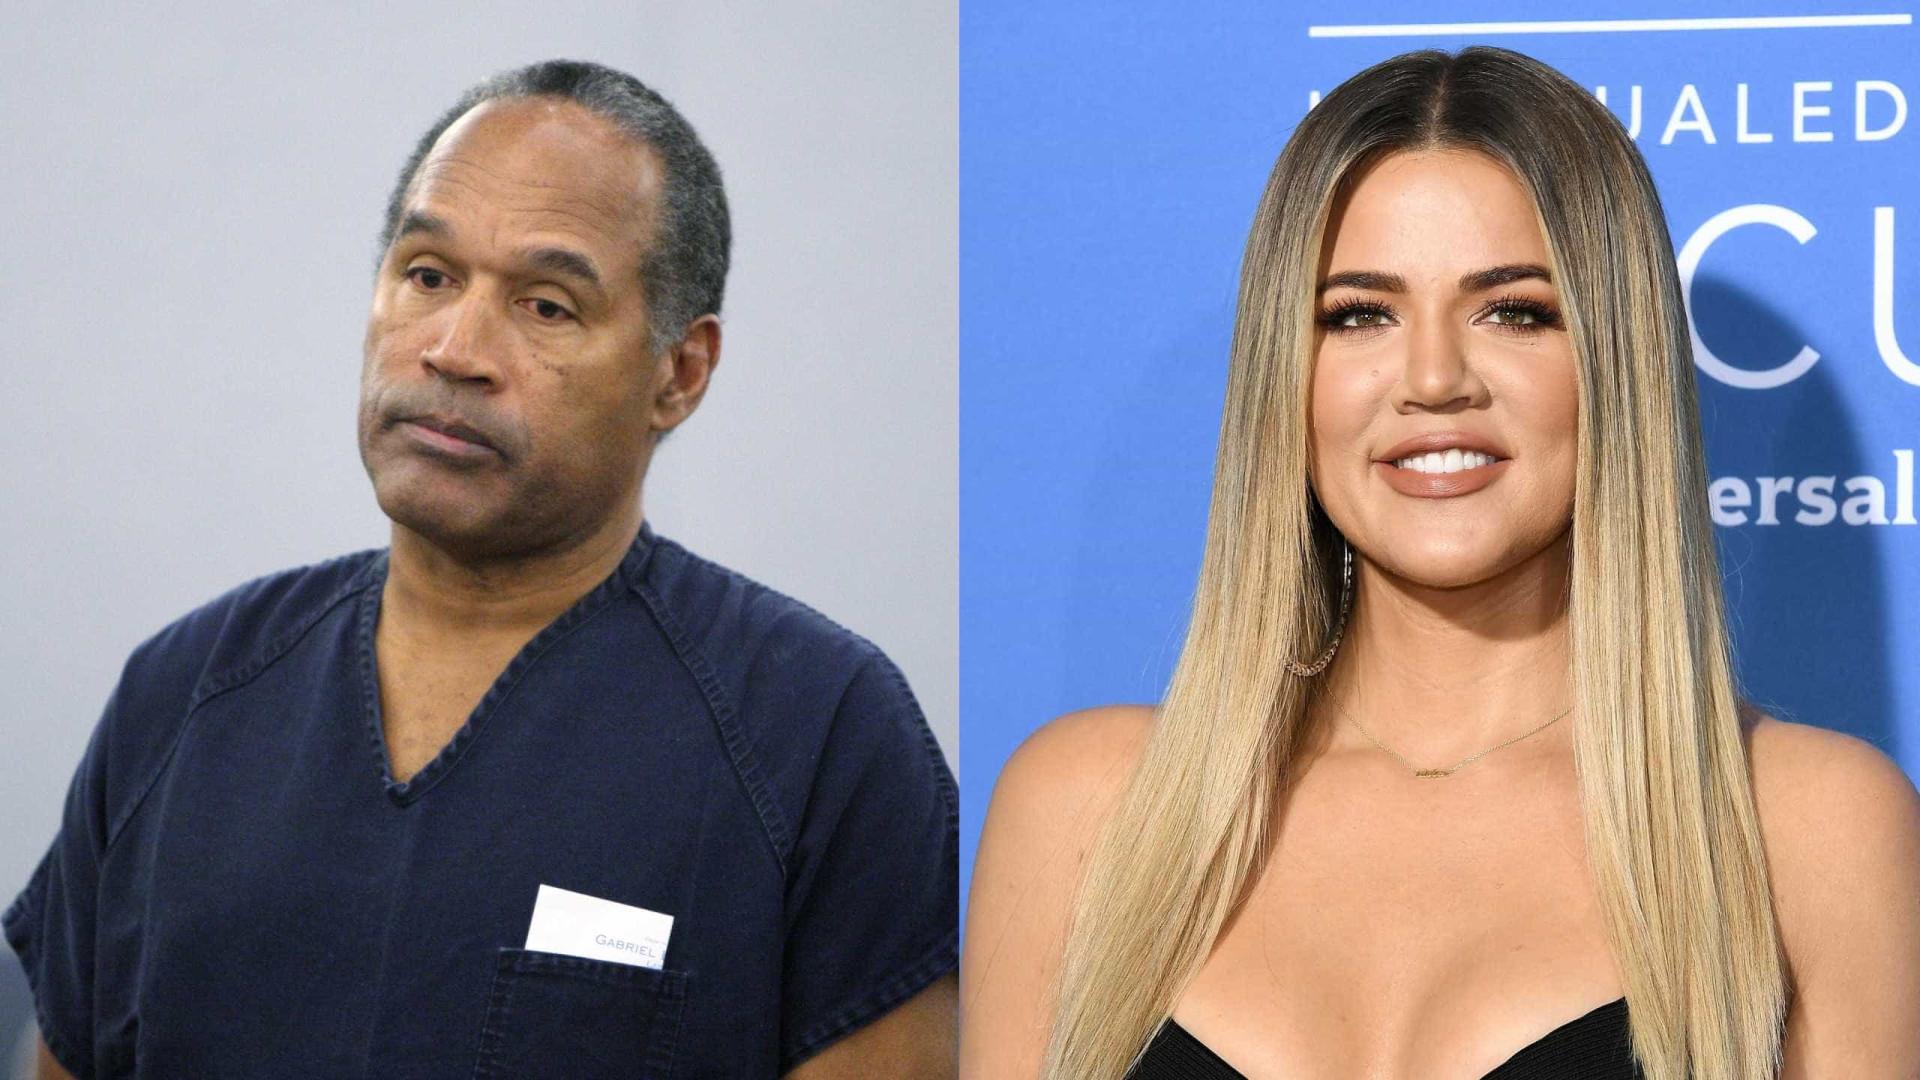 O.J. Simpson pai de Khloé Kardashian? A resposta do próprio aos rumores